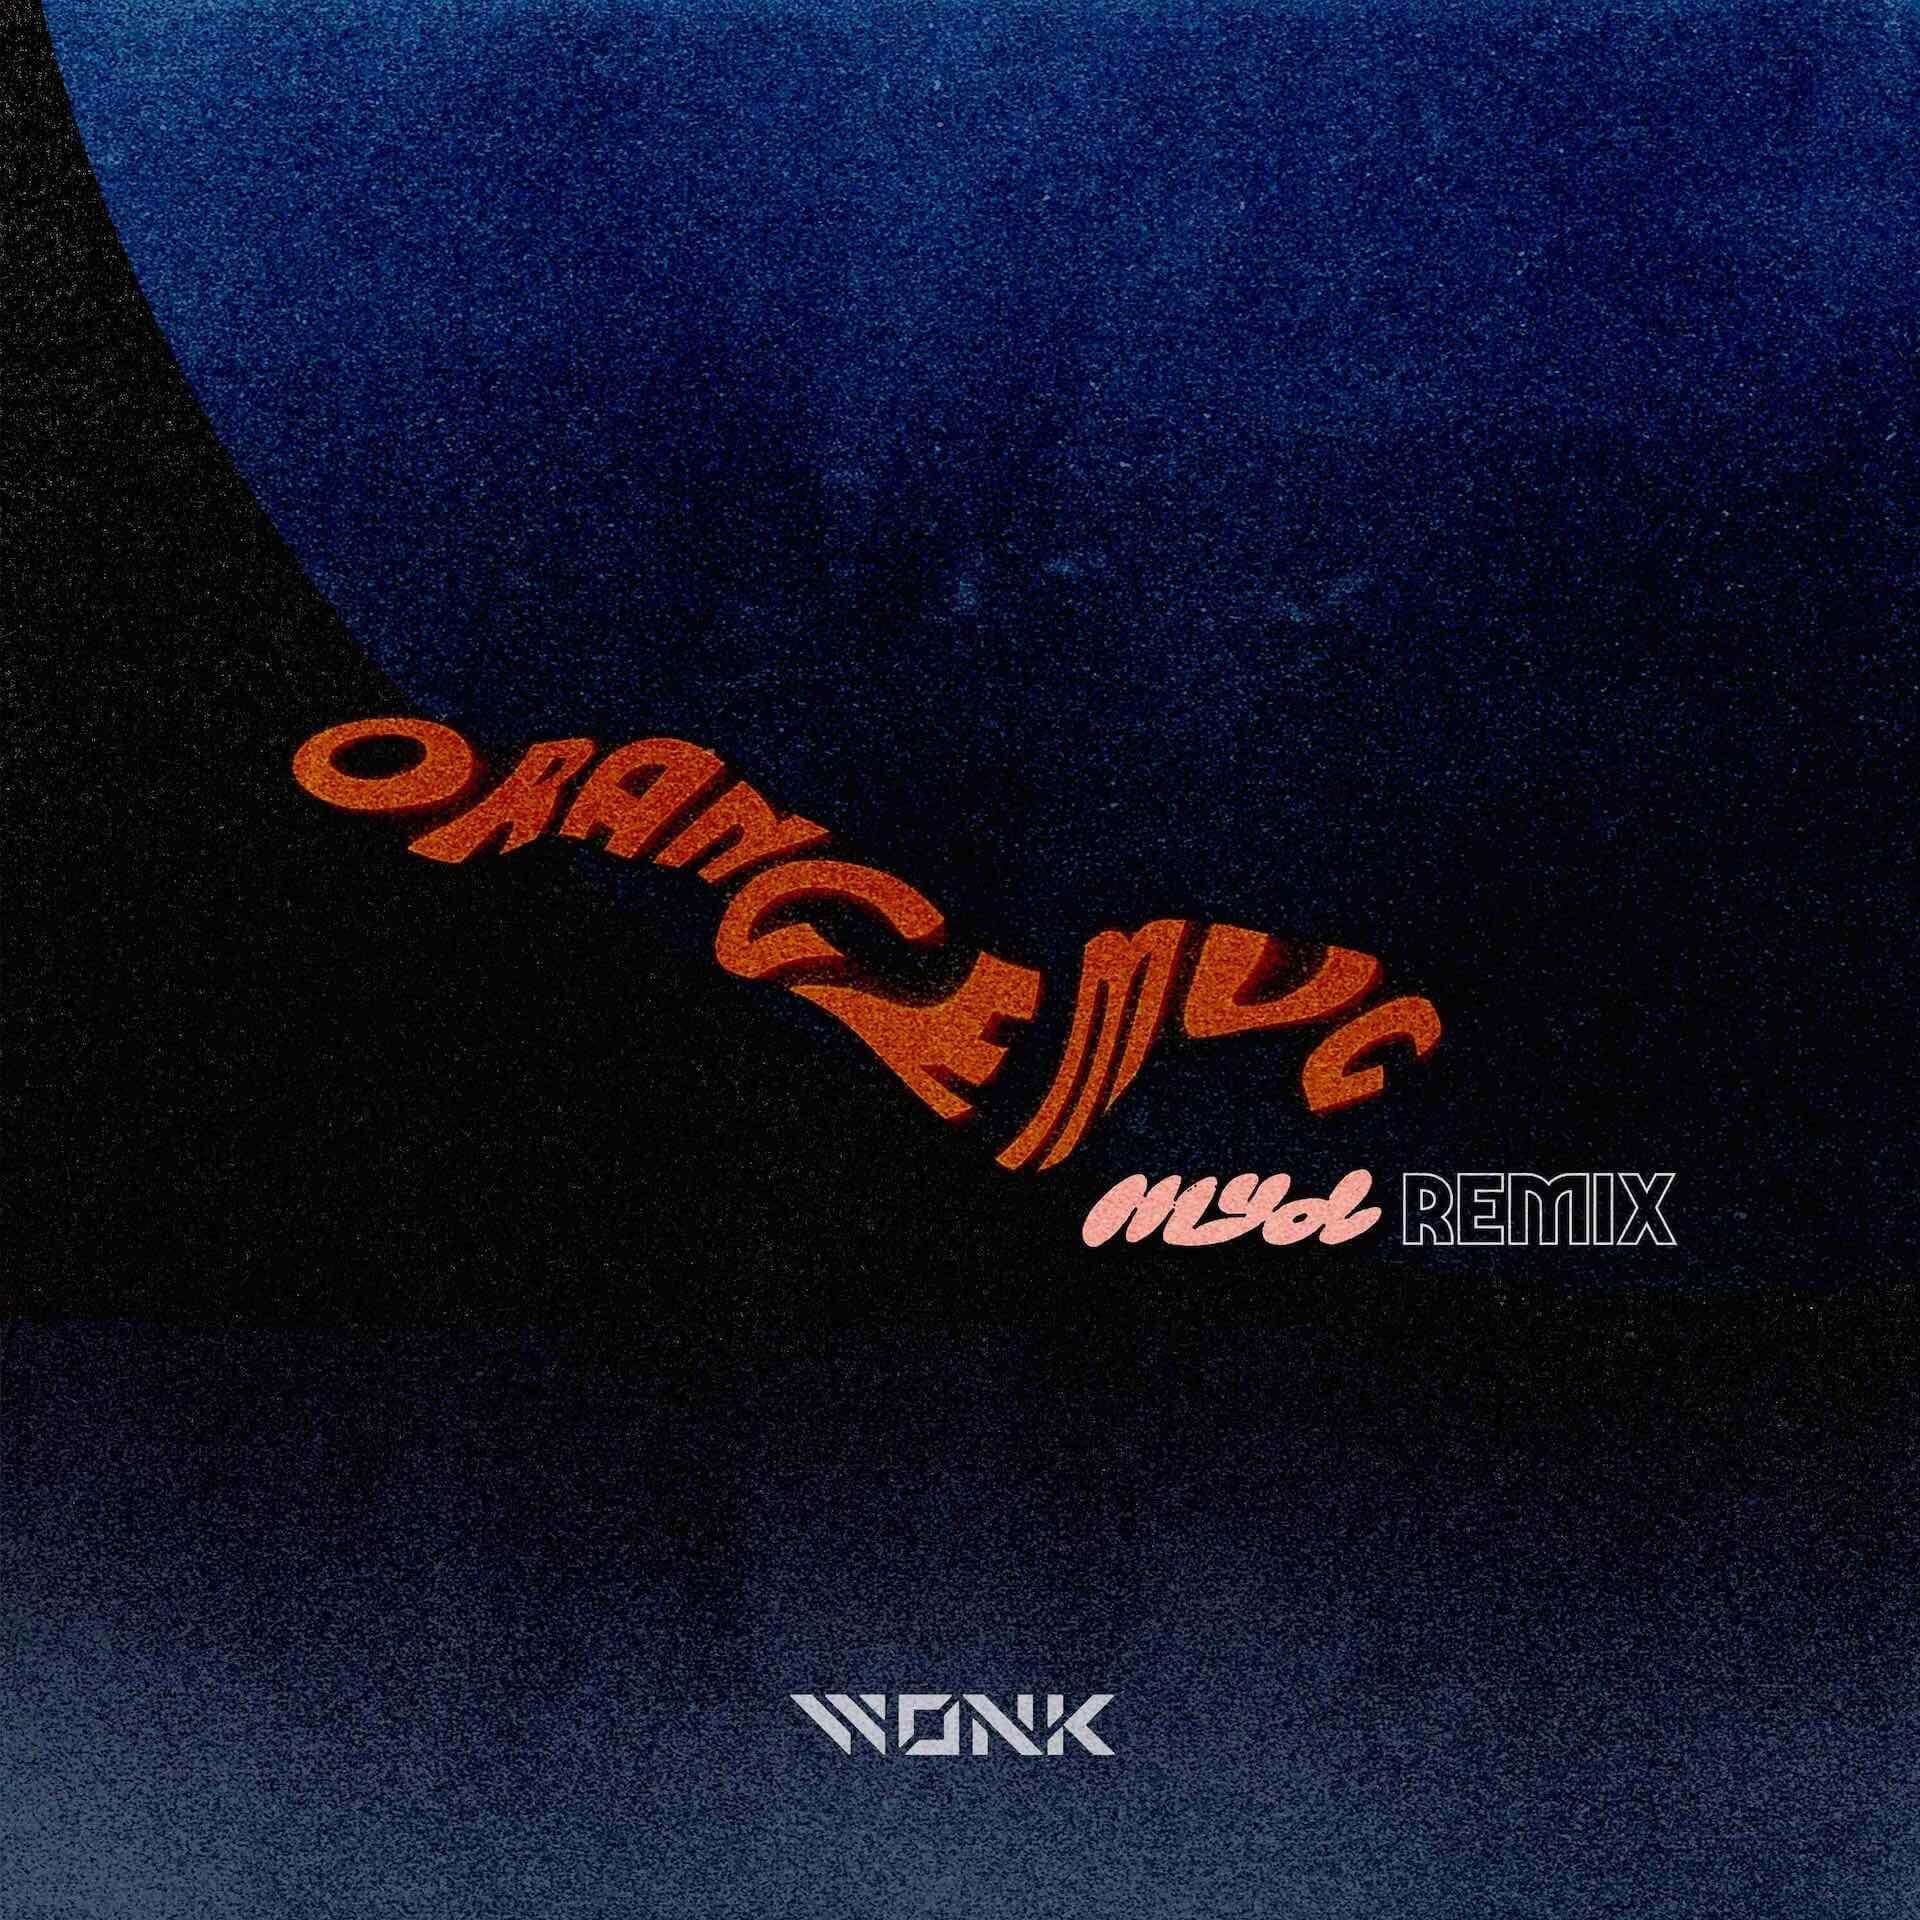 """WONKが海外アーティストとのコラボシリーズを始動!シングル""""Orange Mug""""のMydリミックスが配信決定 music200916_wonk_1-1920x1920"""